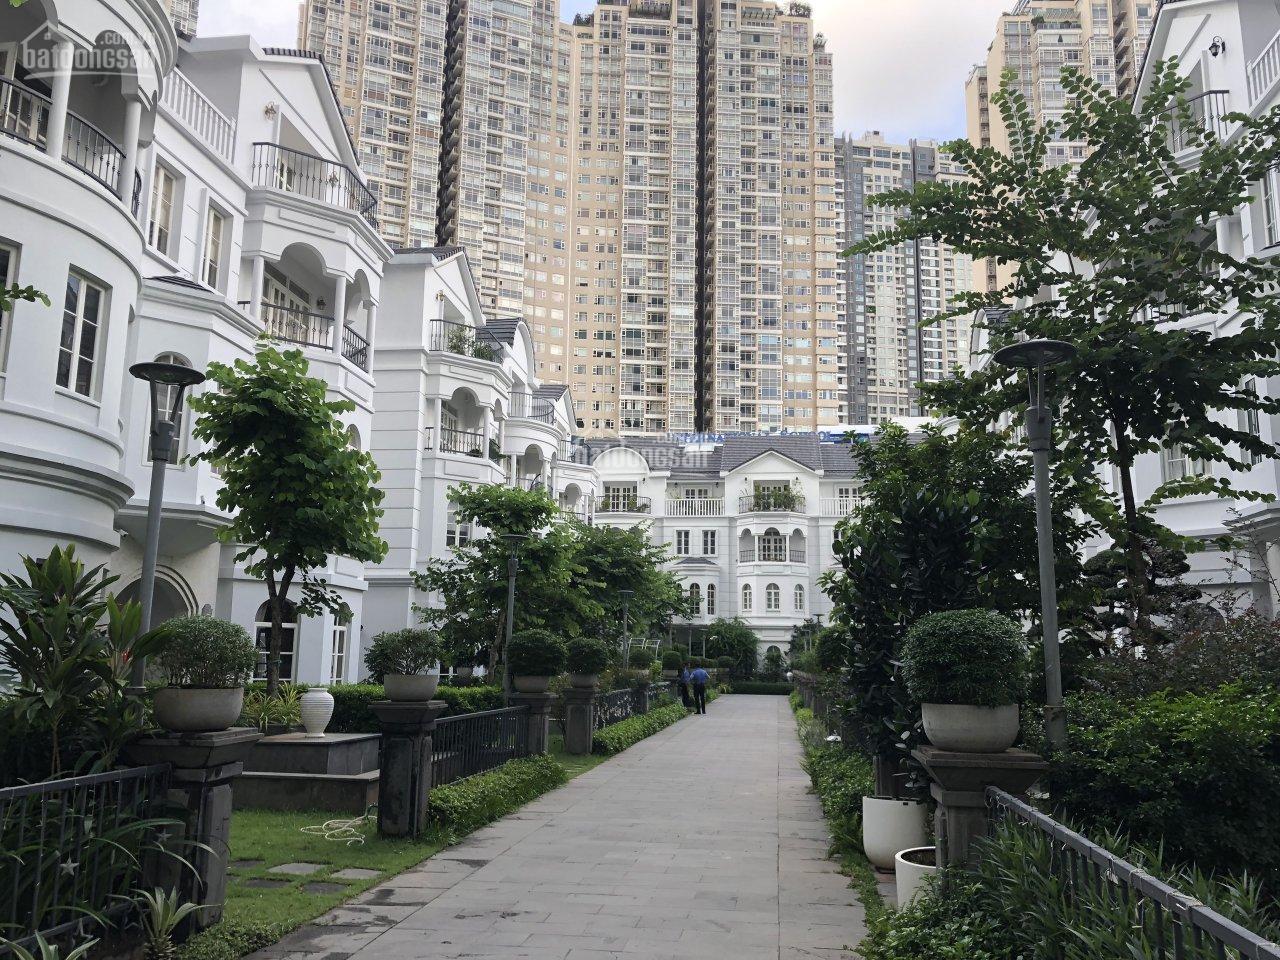 Biệt thự sân vườn Saigon Pearl, nhà đang trống dễ decor theo sở thích, Quận Bình Thạnh, giá 78 tỷ